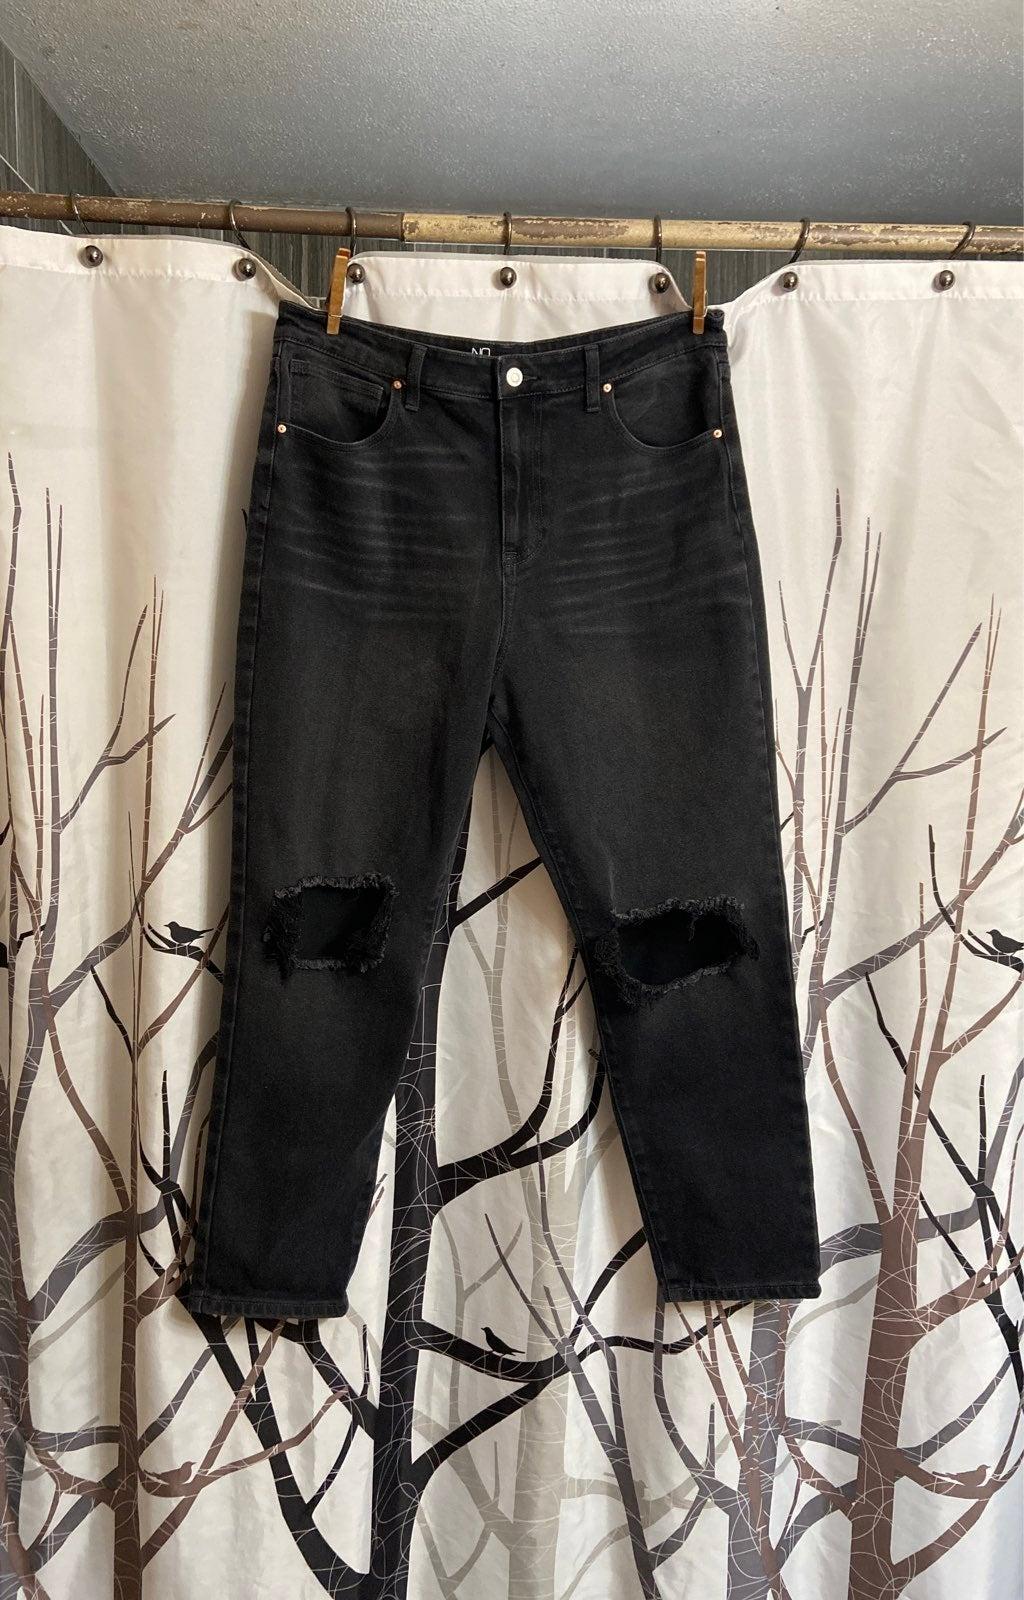 jeans women size 17!